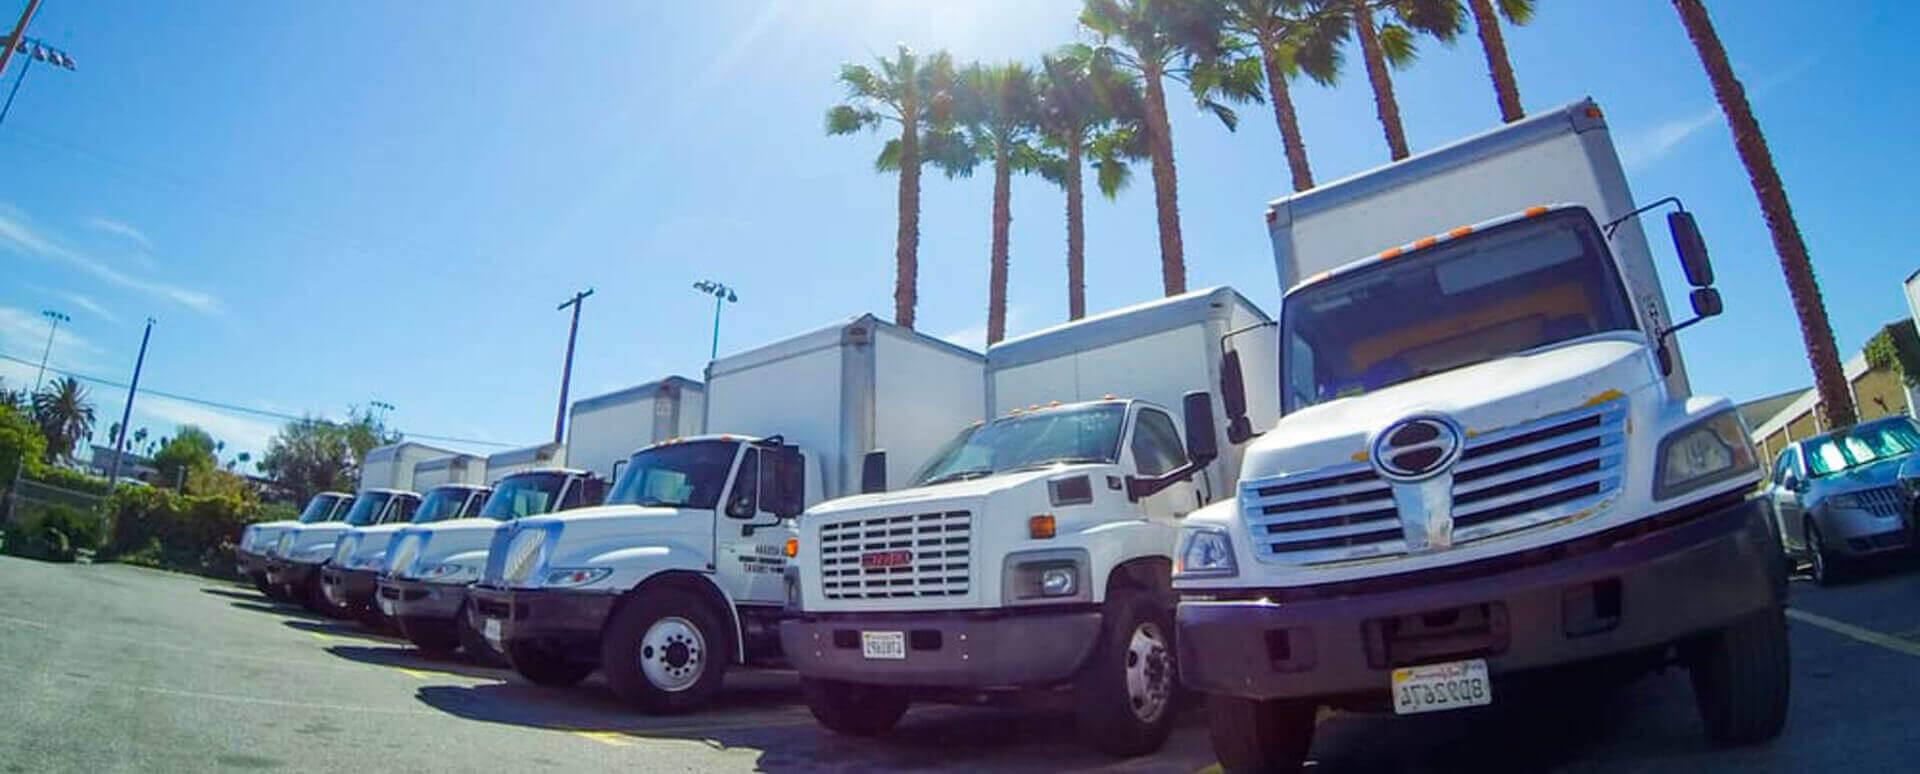 Bay Area Movers Hino Trucks